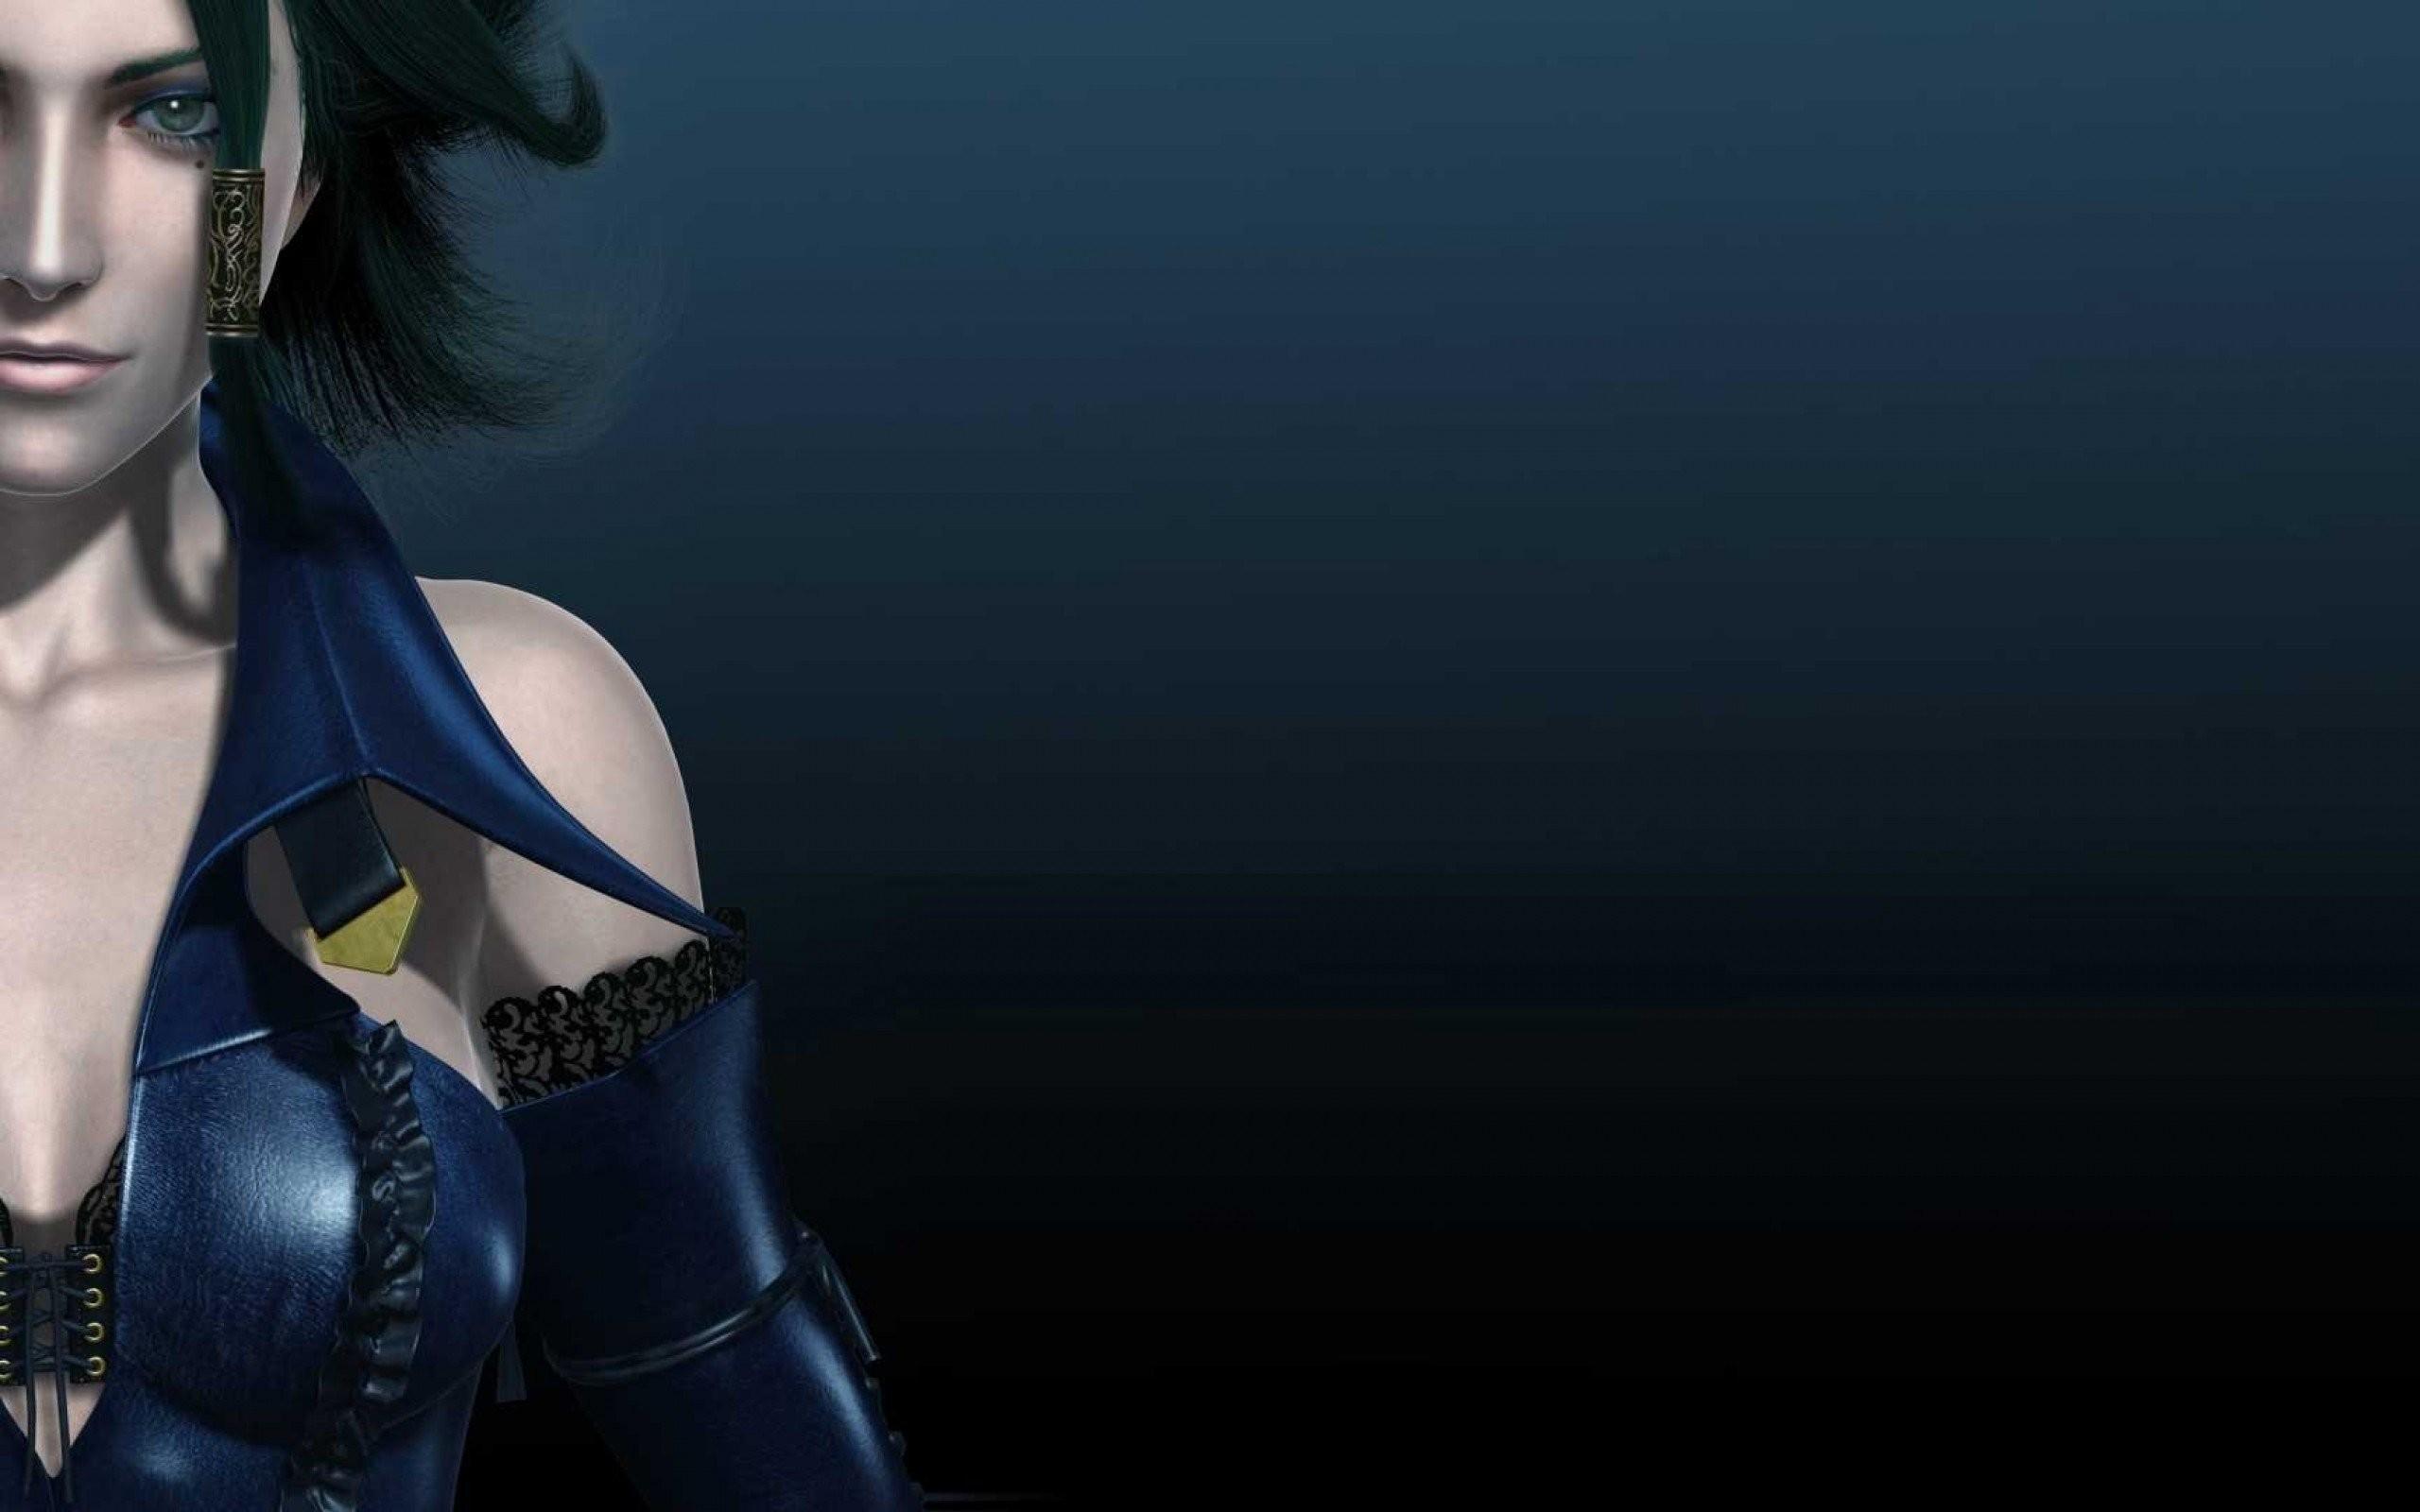 Women models artwork Bullet Witch black hair wallpaper | | 313799  | WallpaperUP